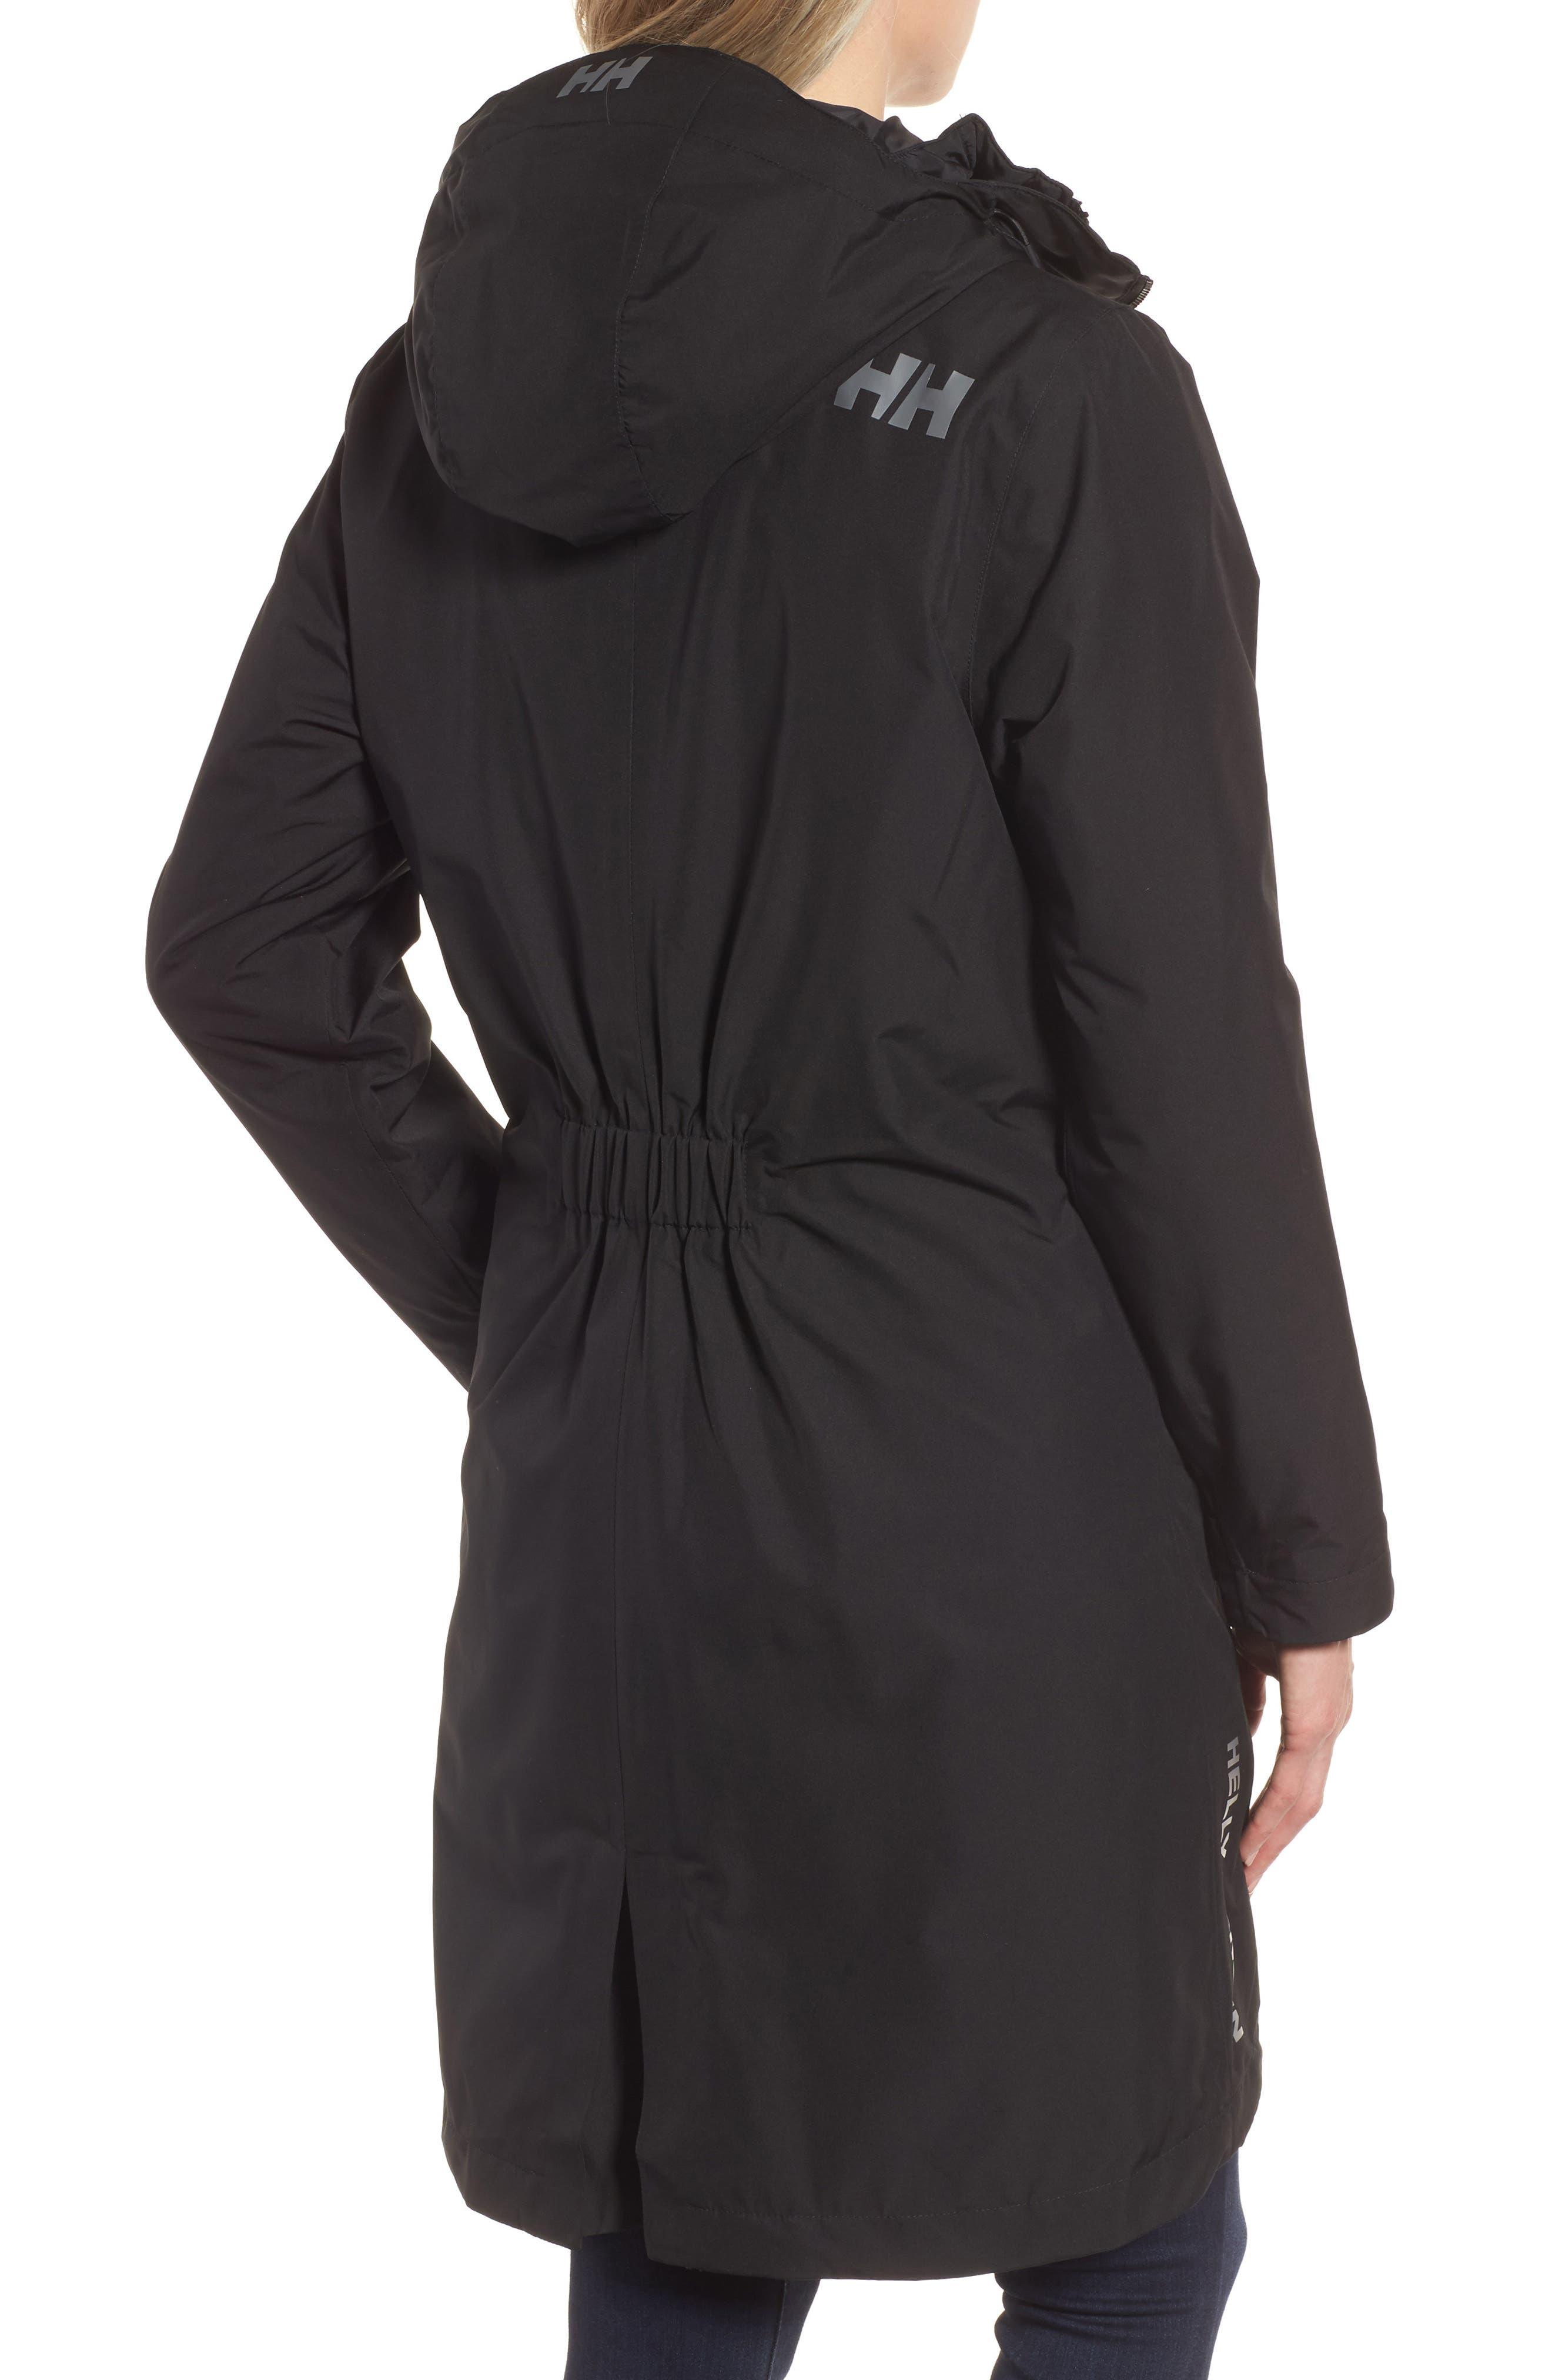 Rigging Waterproof 3-in-1 Raincoat,                             Alternate thumbnail 2, color,                             Para Black